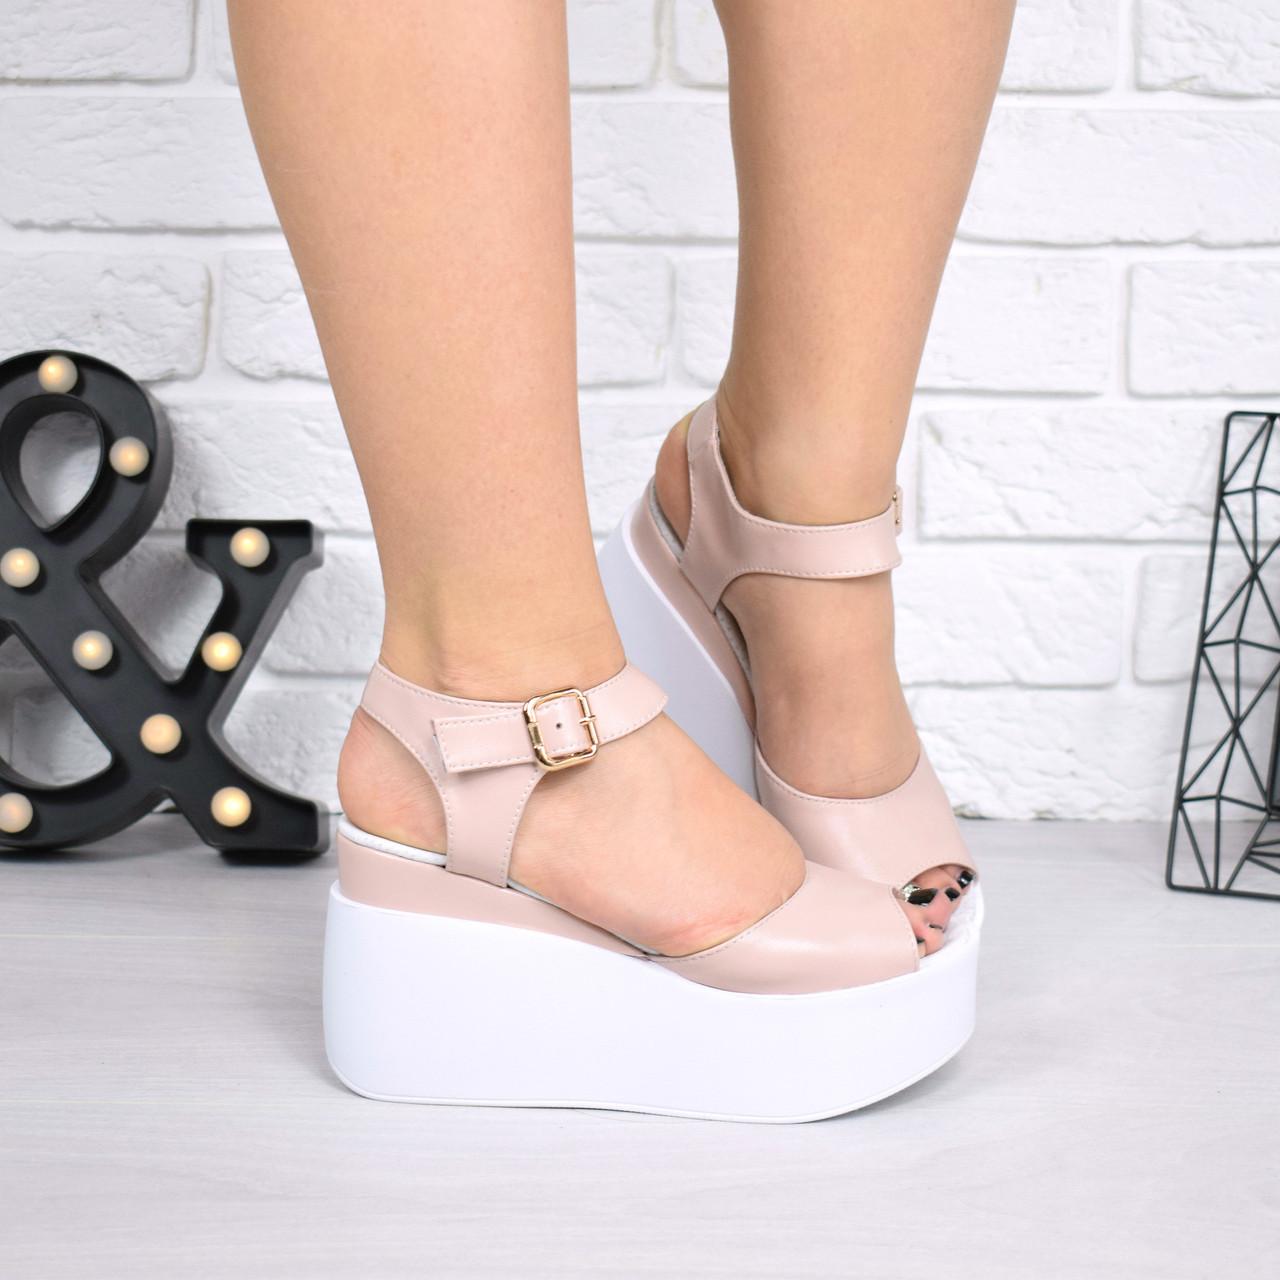 """Босоножки, туфли, сандали, сабо женские на платформе пудровые """"Morse"""" КОЖА, повседневная, летняя, обувь"""